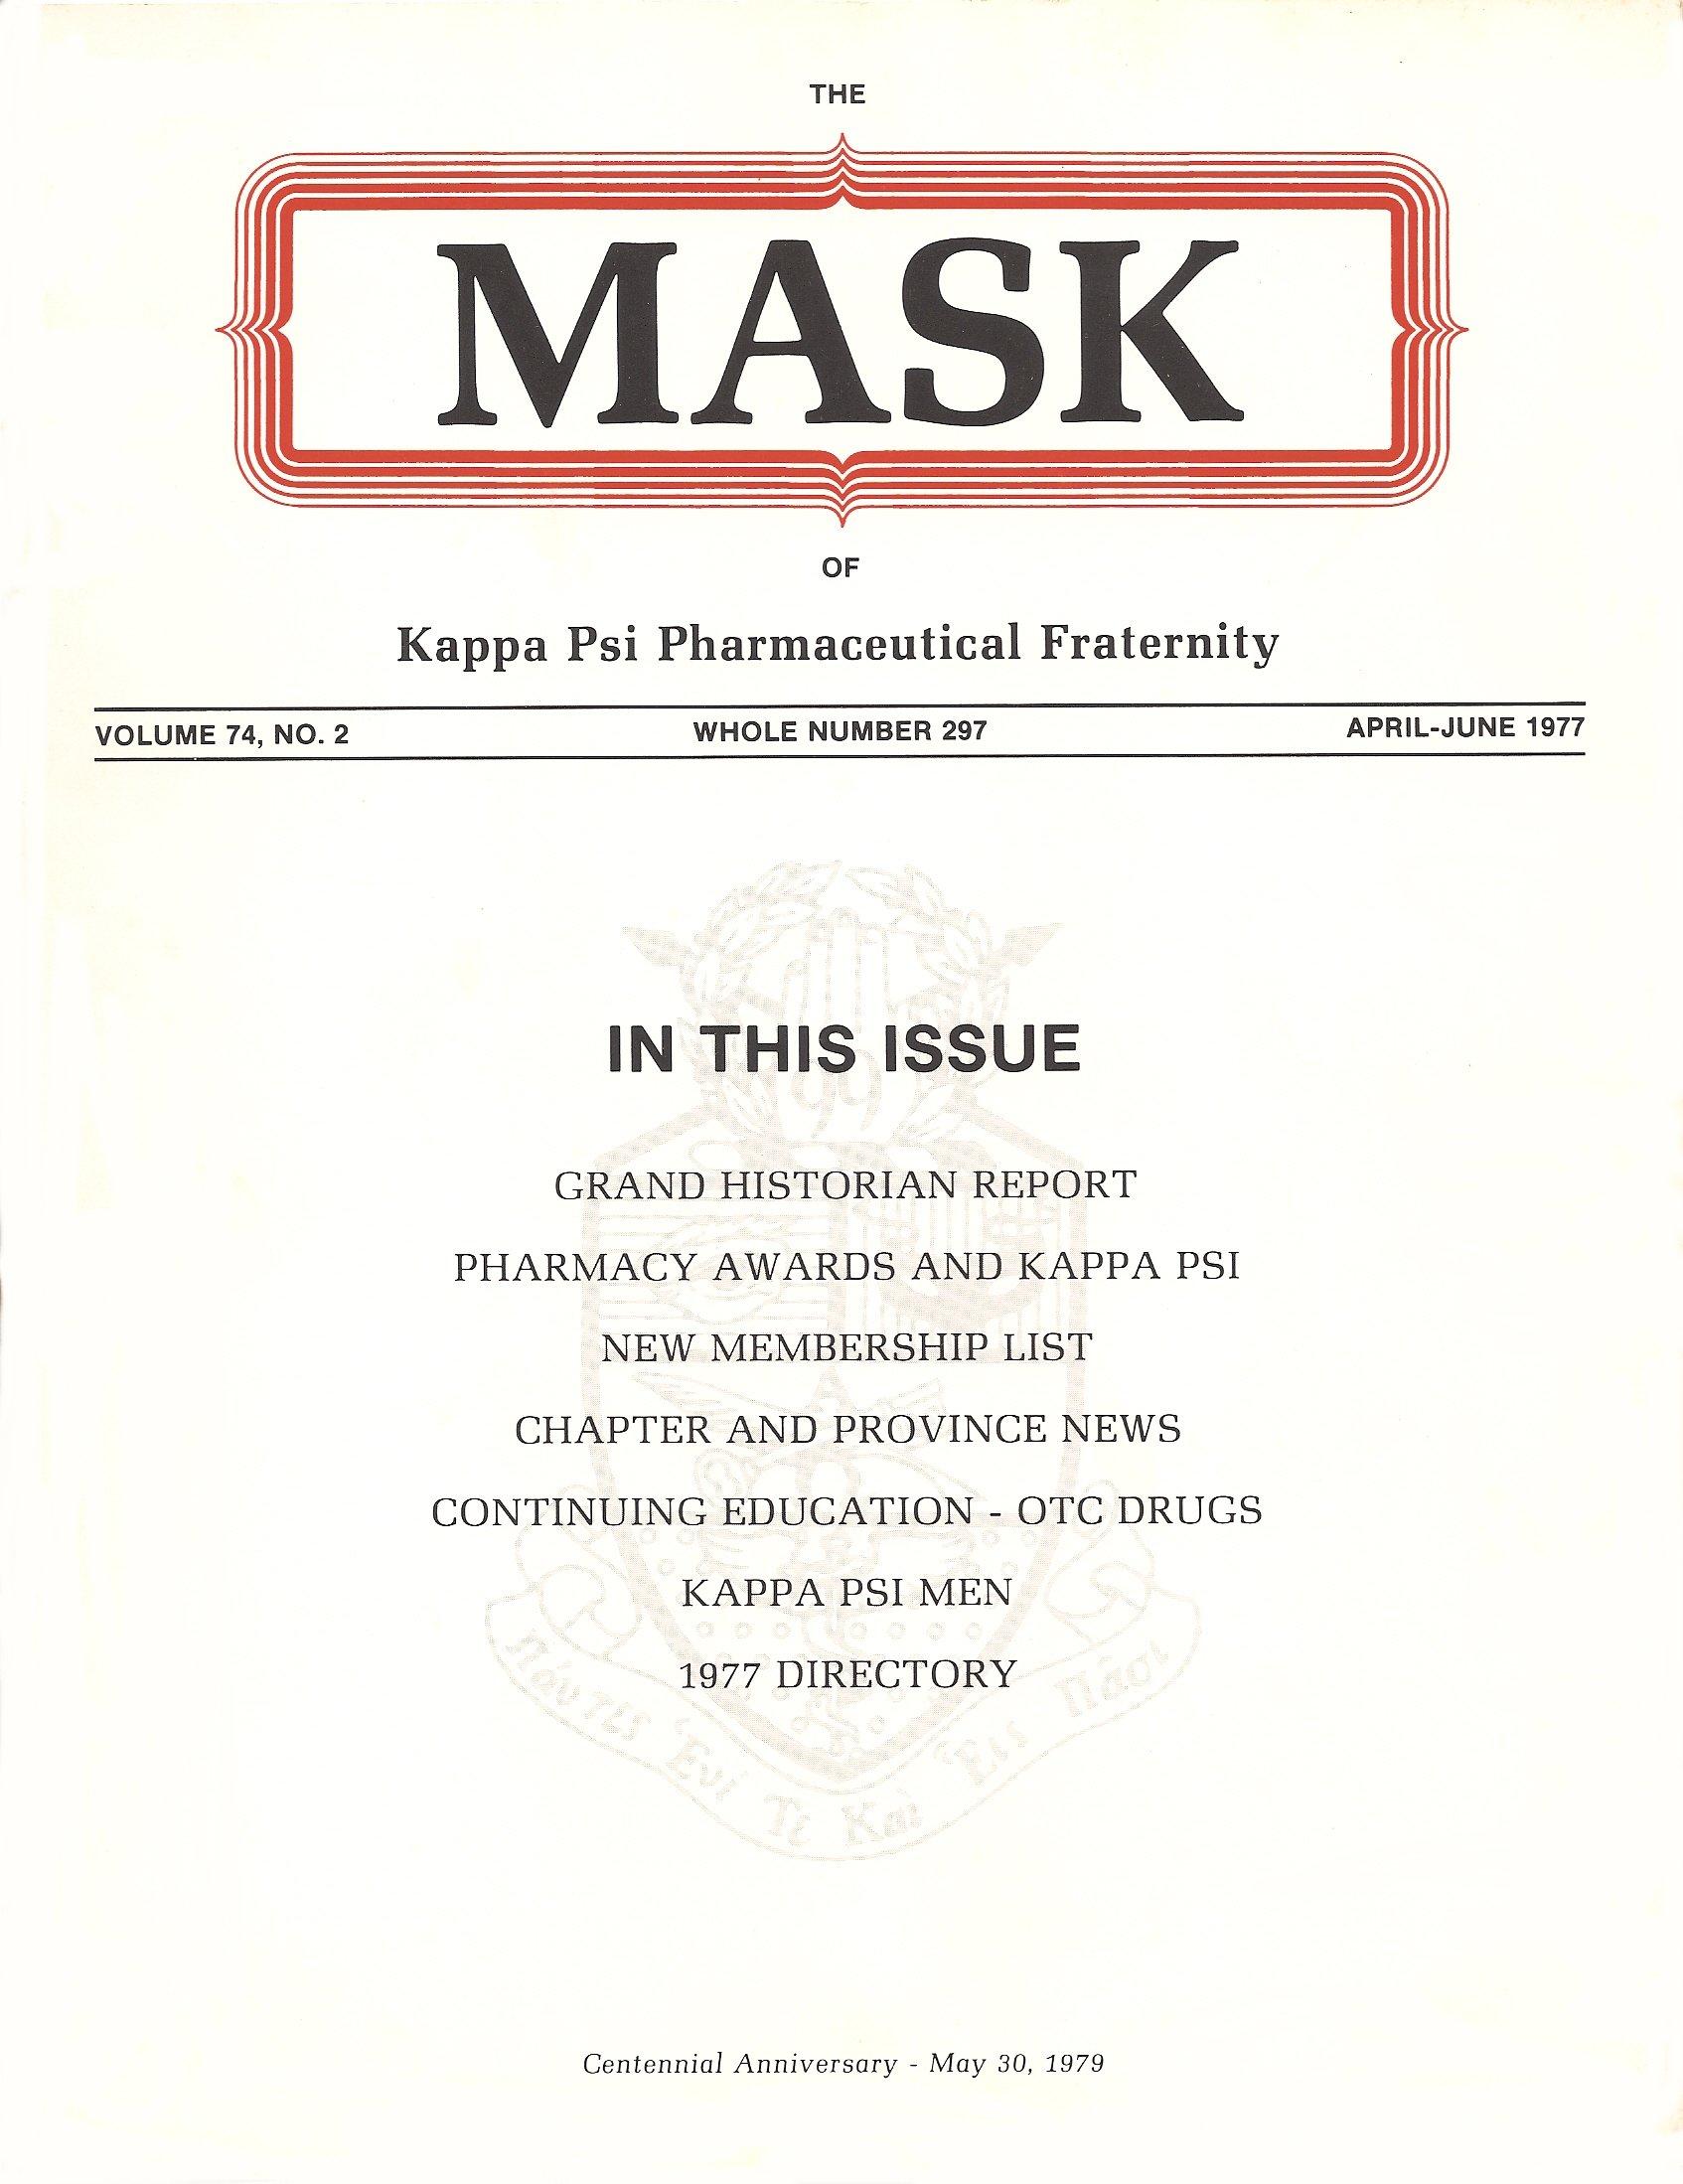 mask_cover_04_1977.jpg